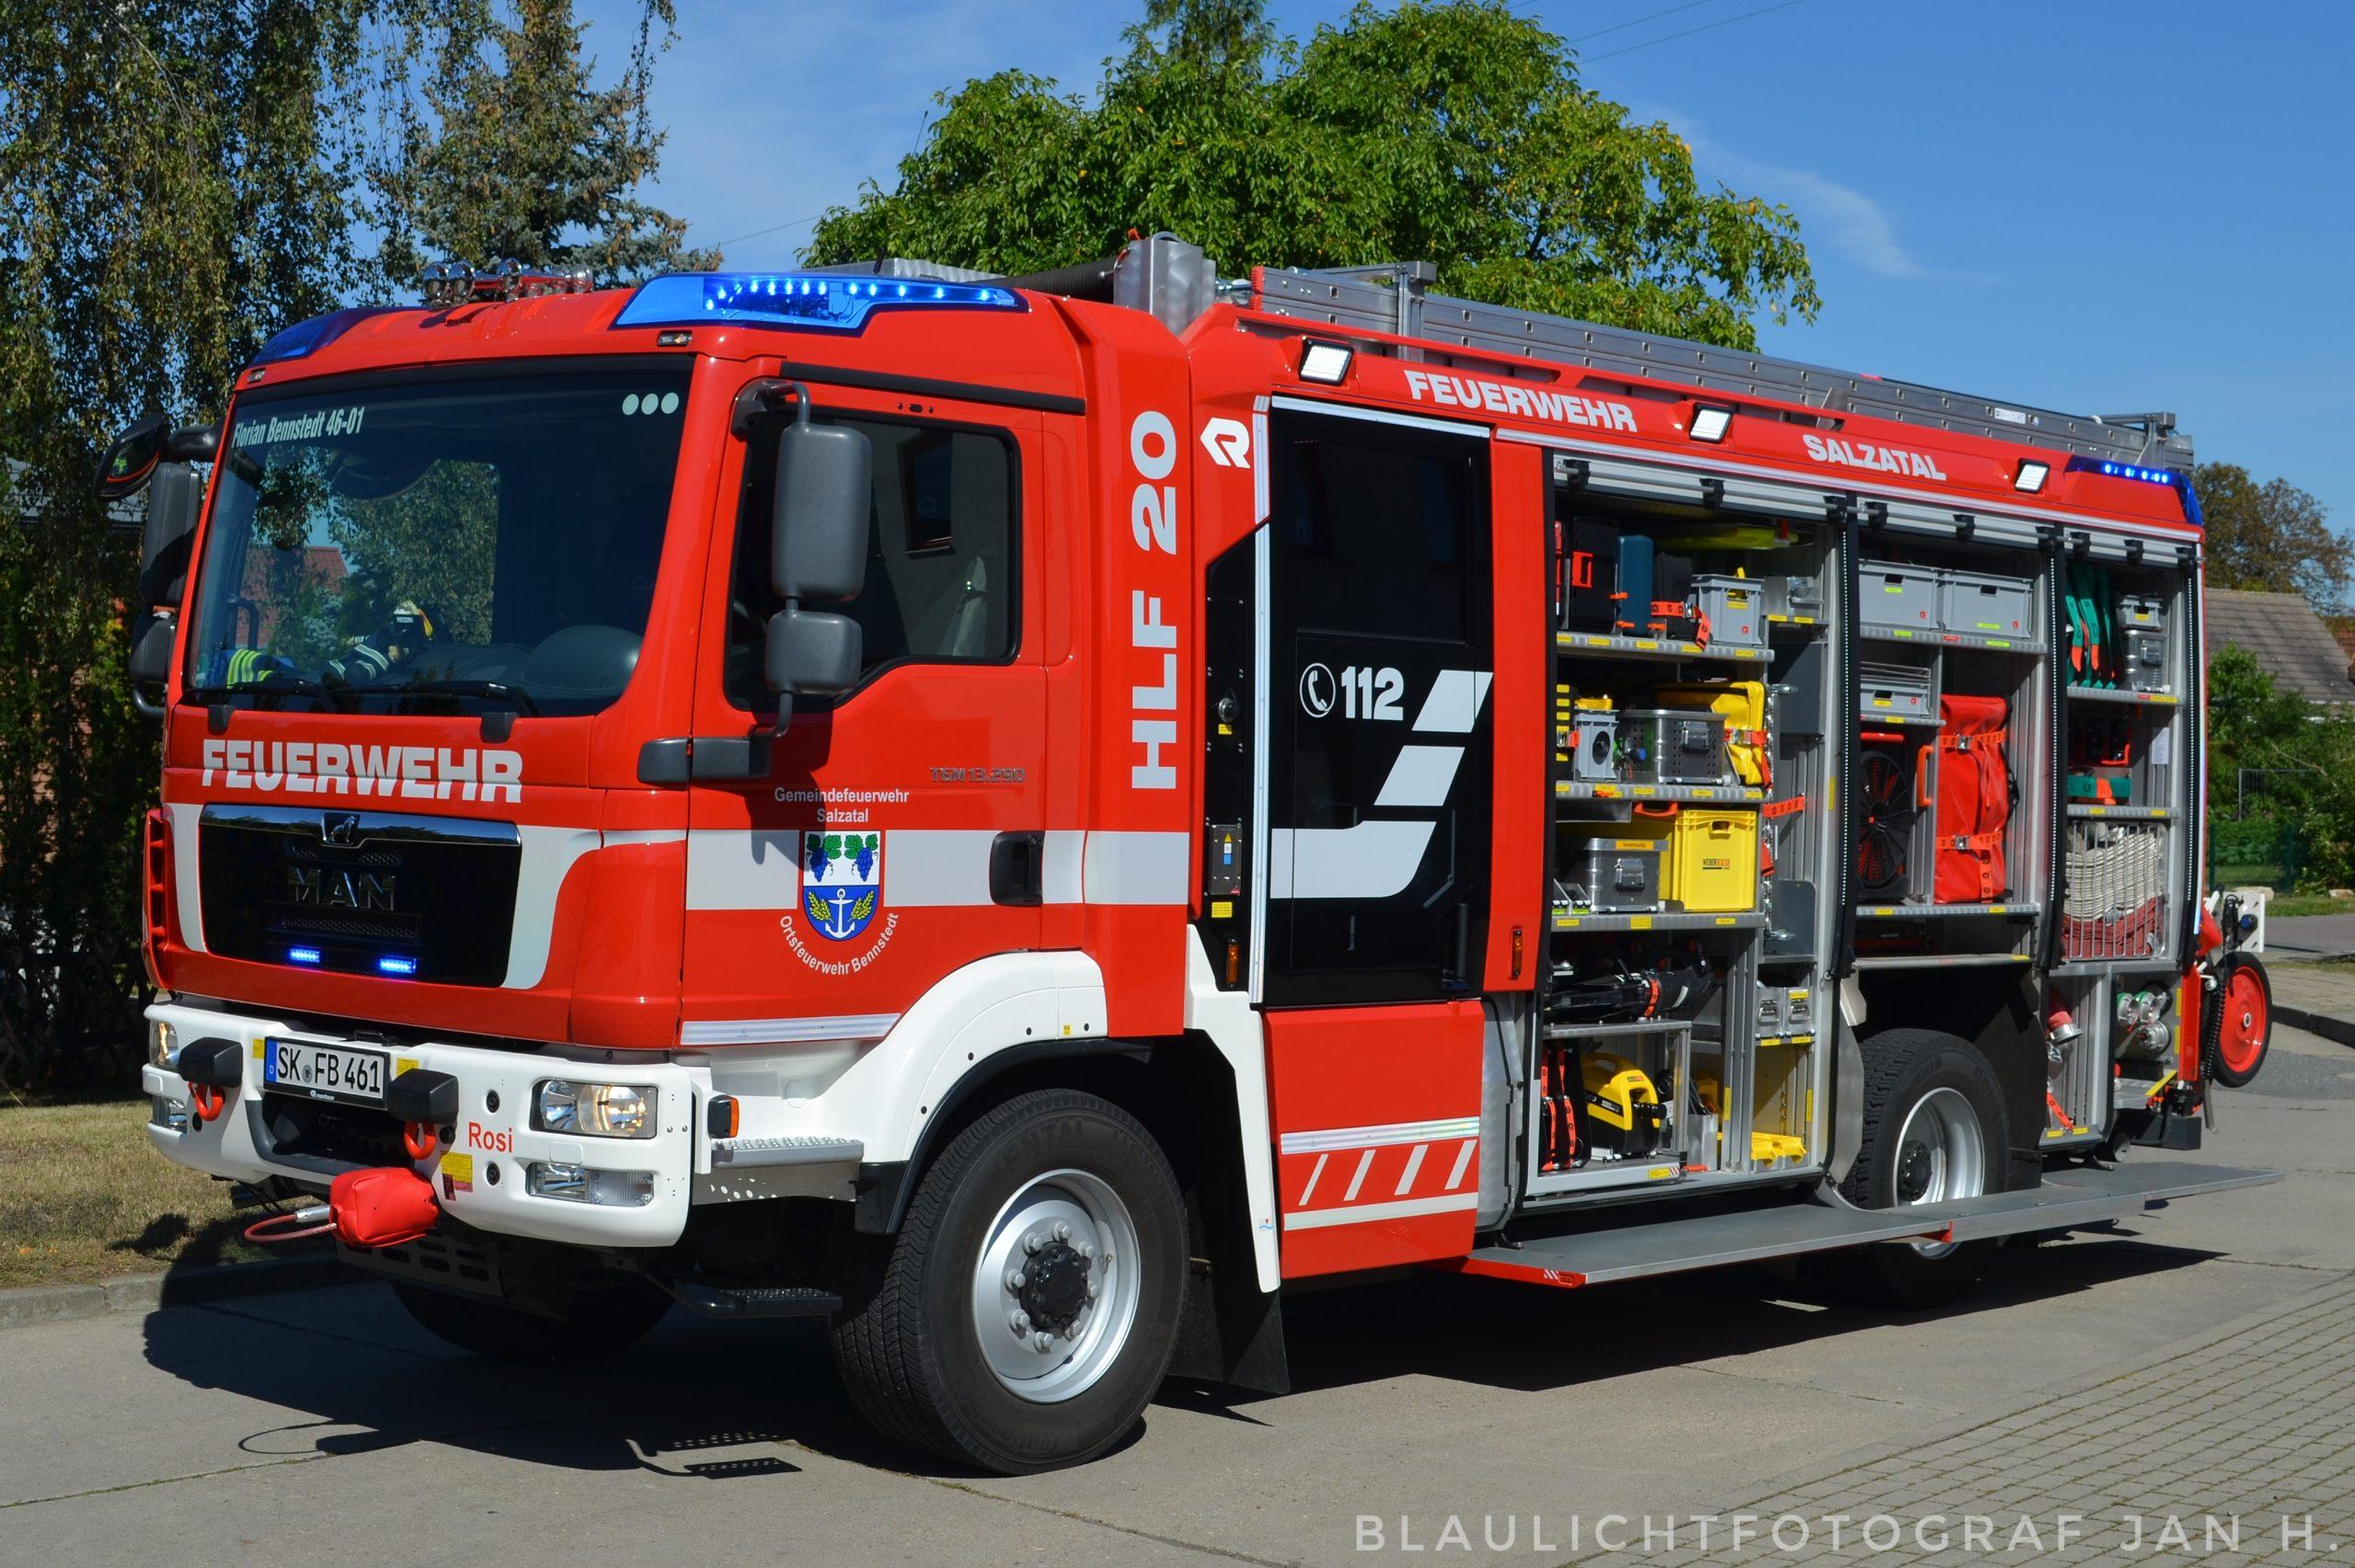 #0044 - HLF 20 FF Salzatal OF Bennstedt